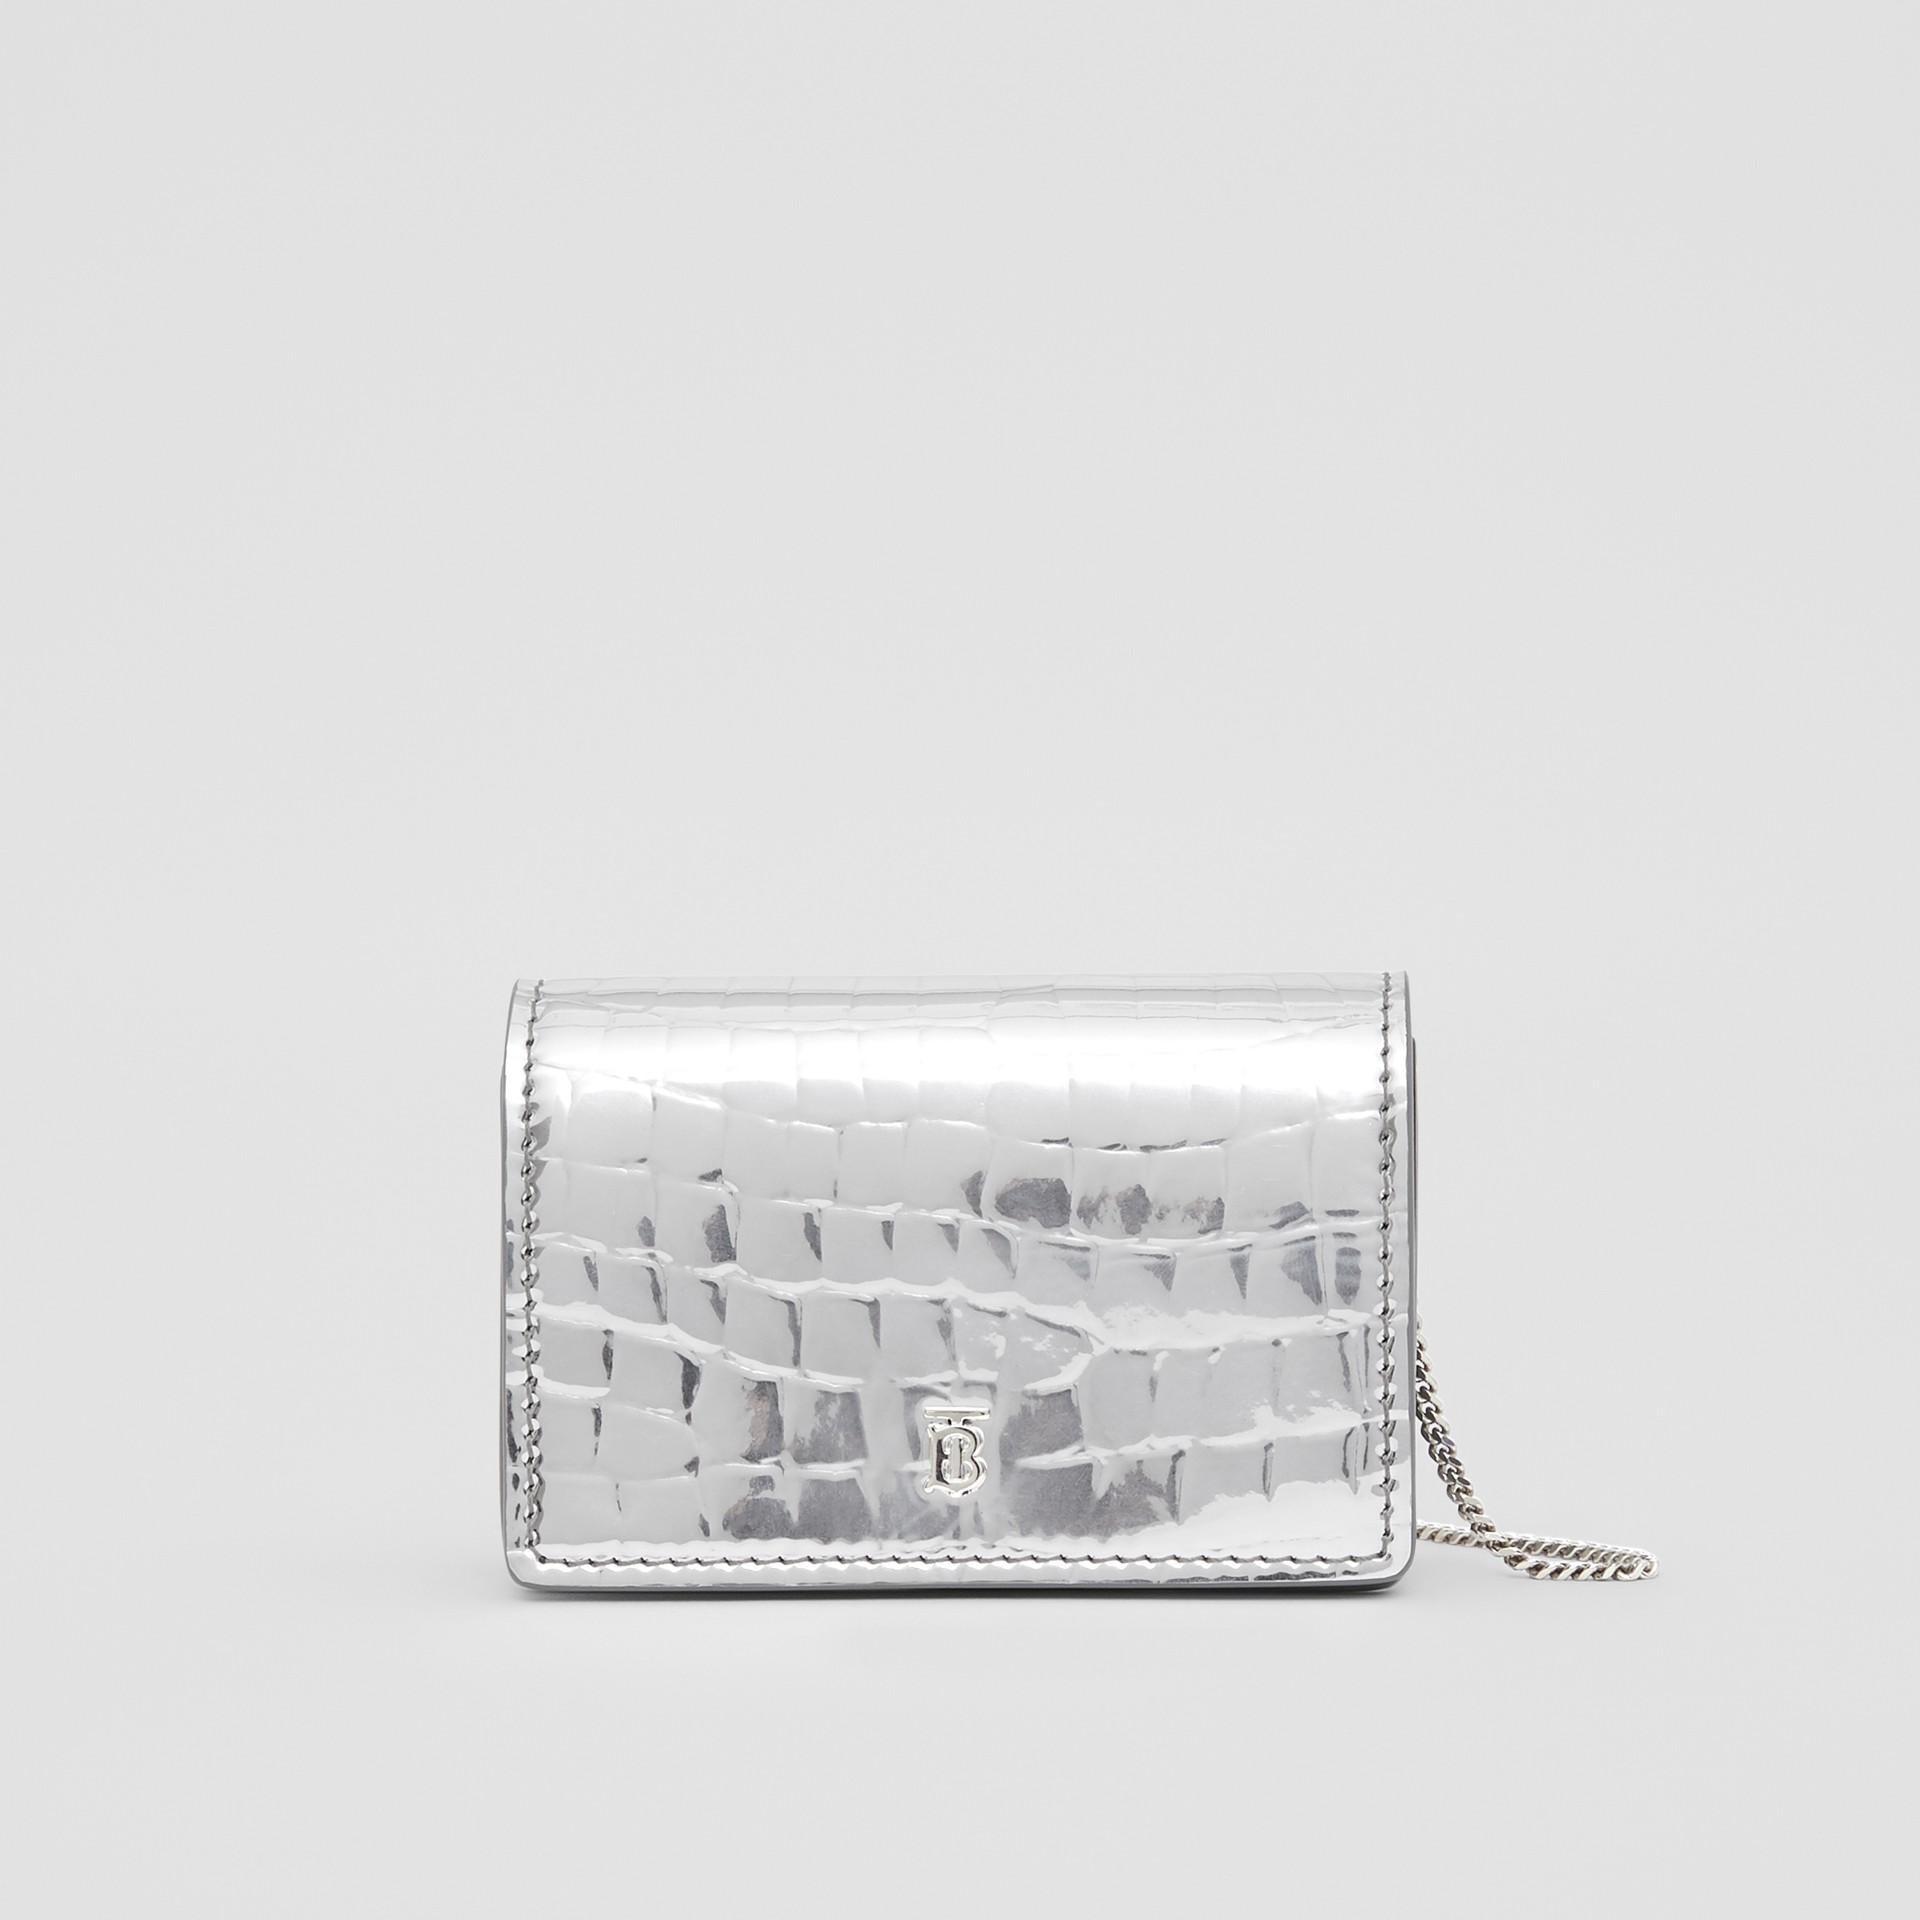 Porte-cartes embossé et métallisé avec sangle amovible (Argent) | Burberry - photo de la galerie 0